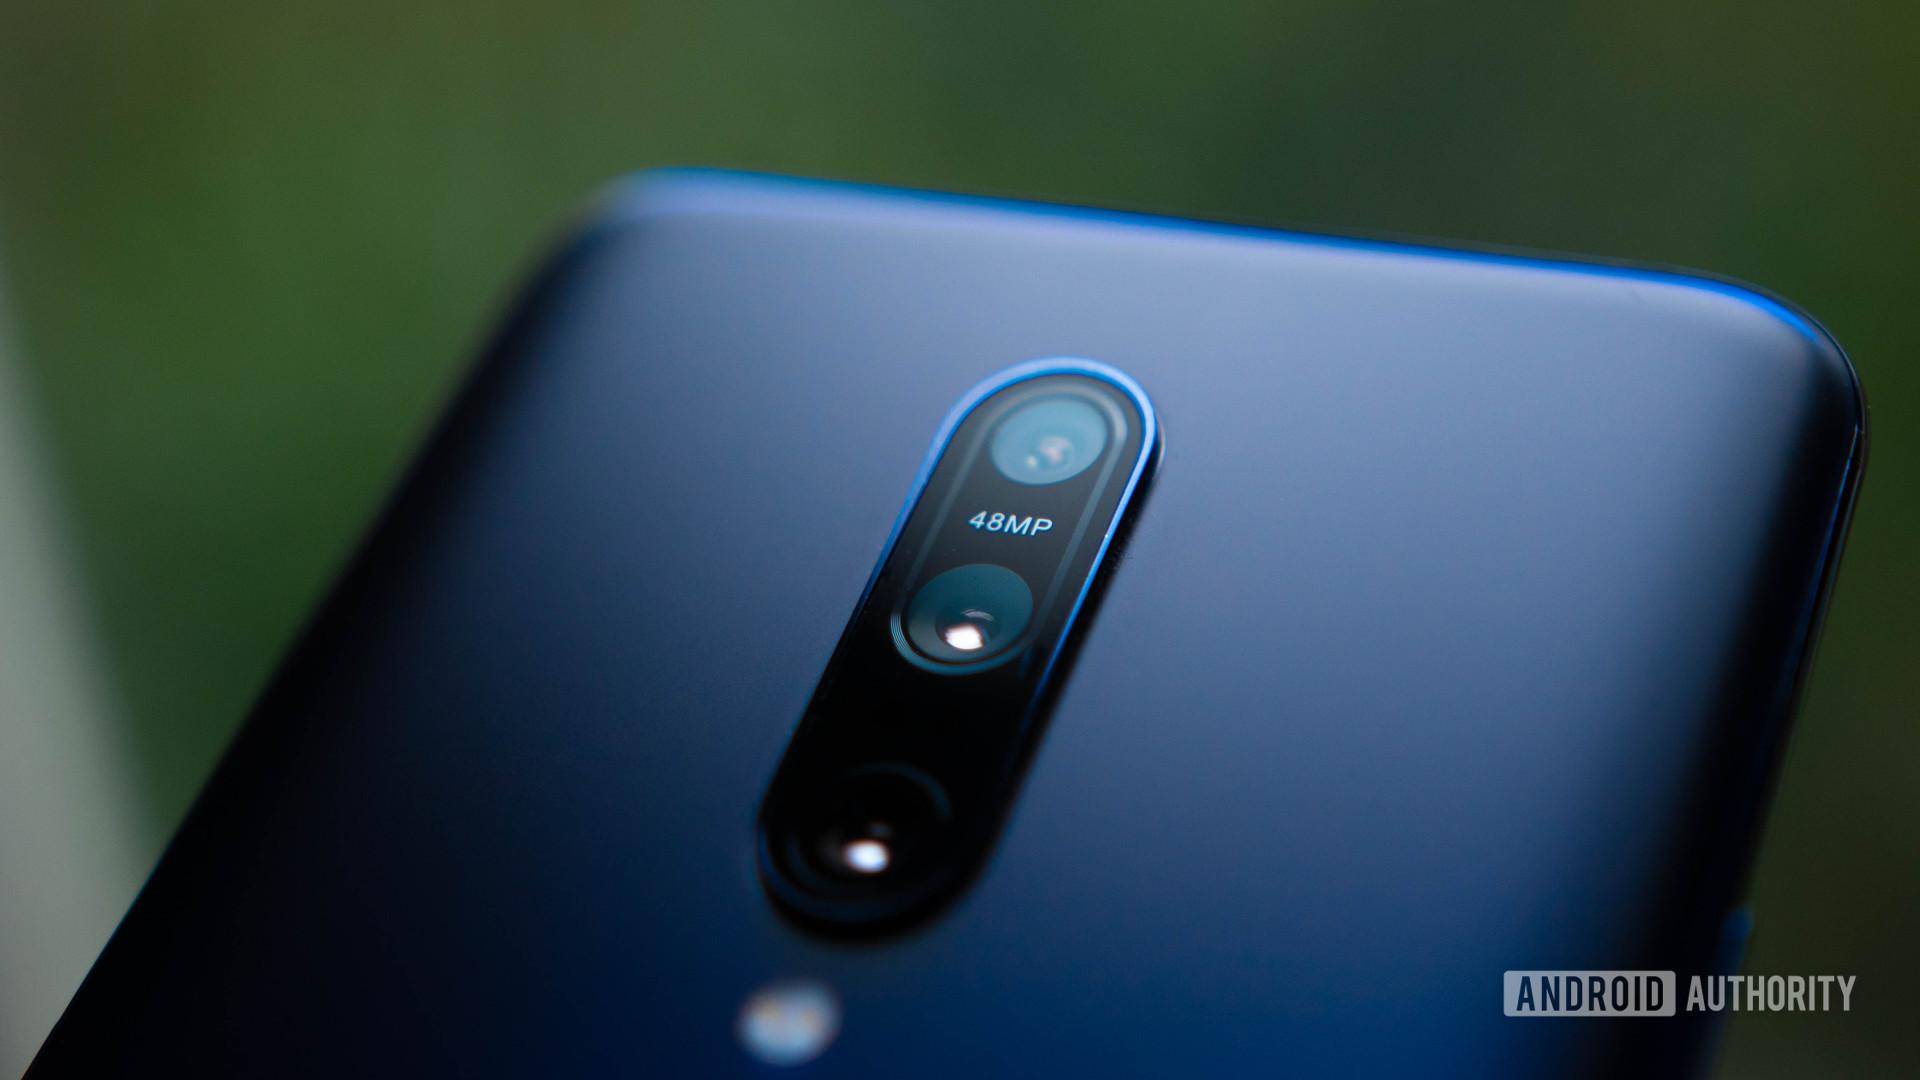 OnePlus 7 Pro camera module 48mp vs 12MP